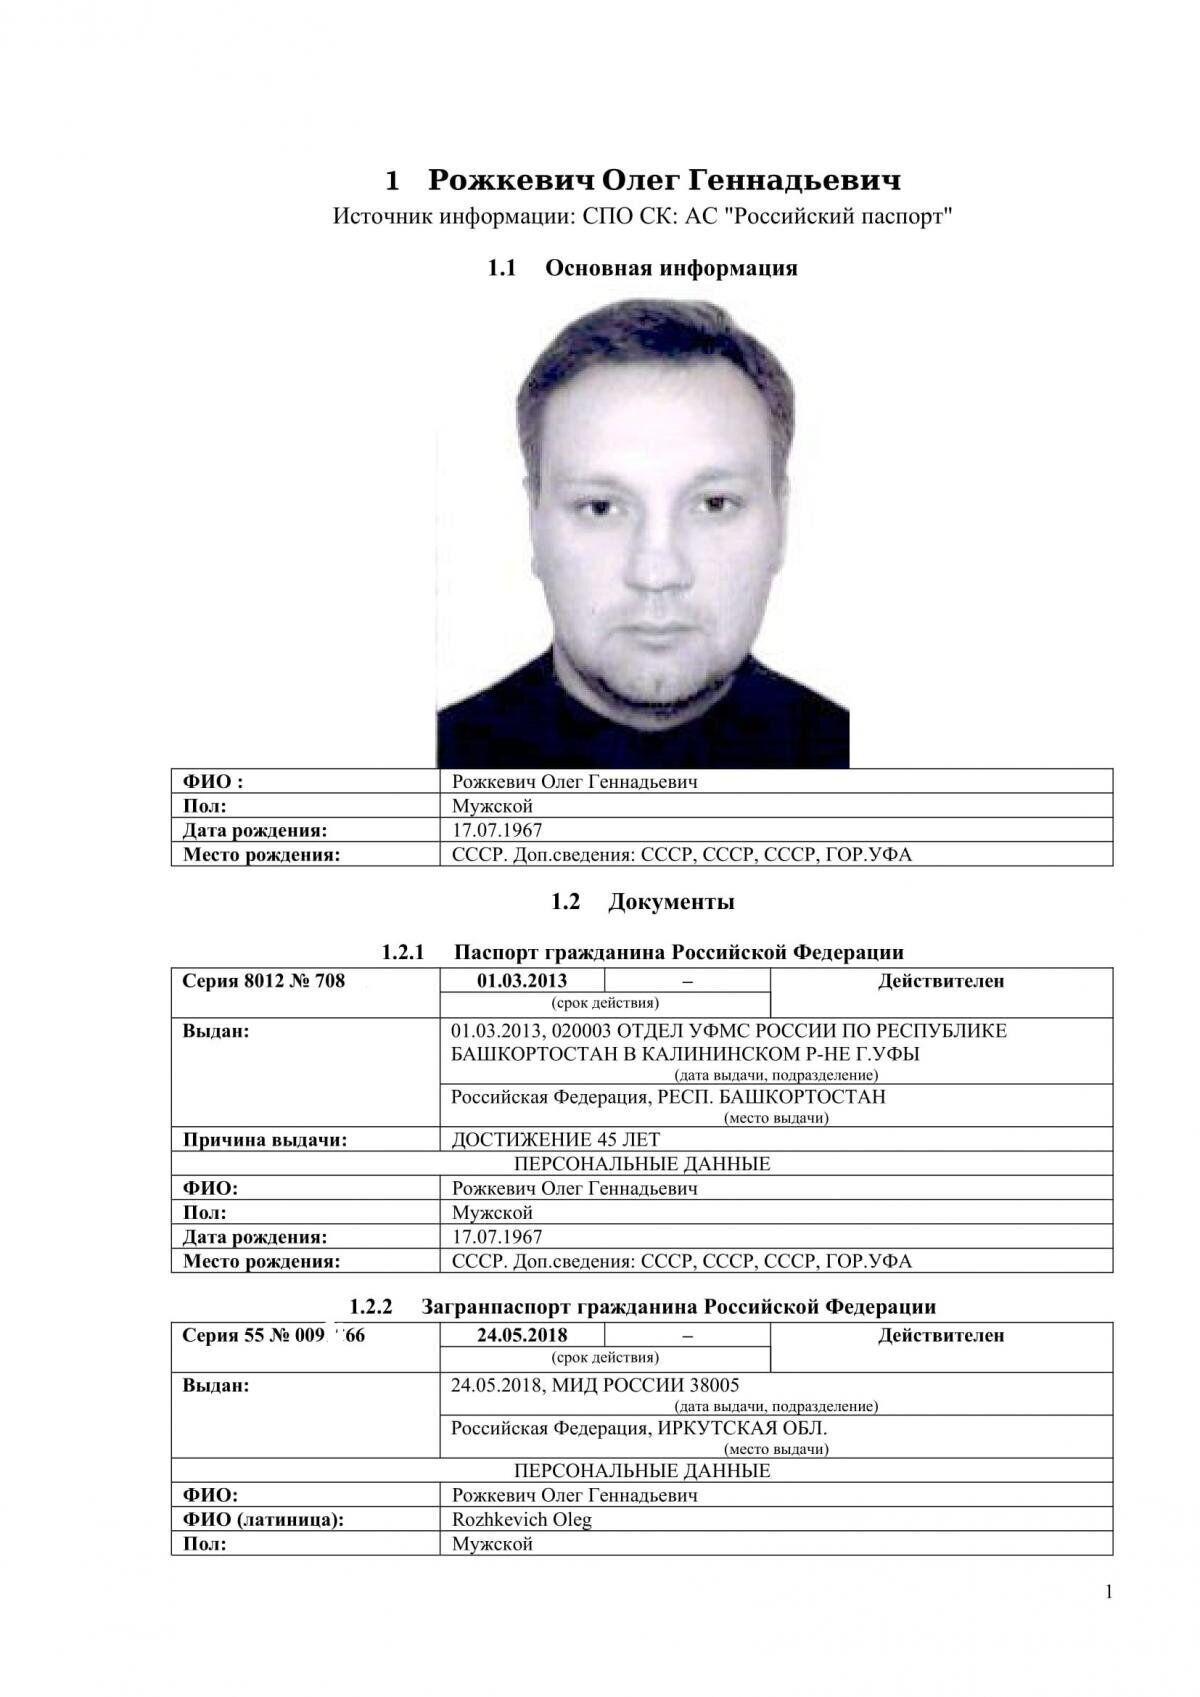 Копия российского паспорта Рожкевича, фото 1